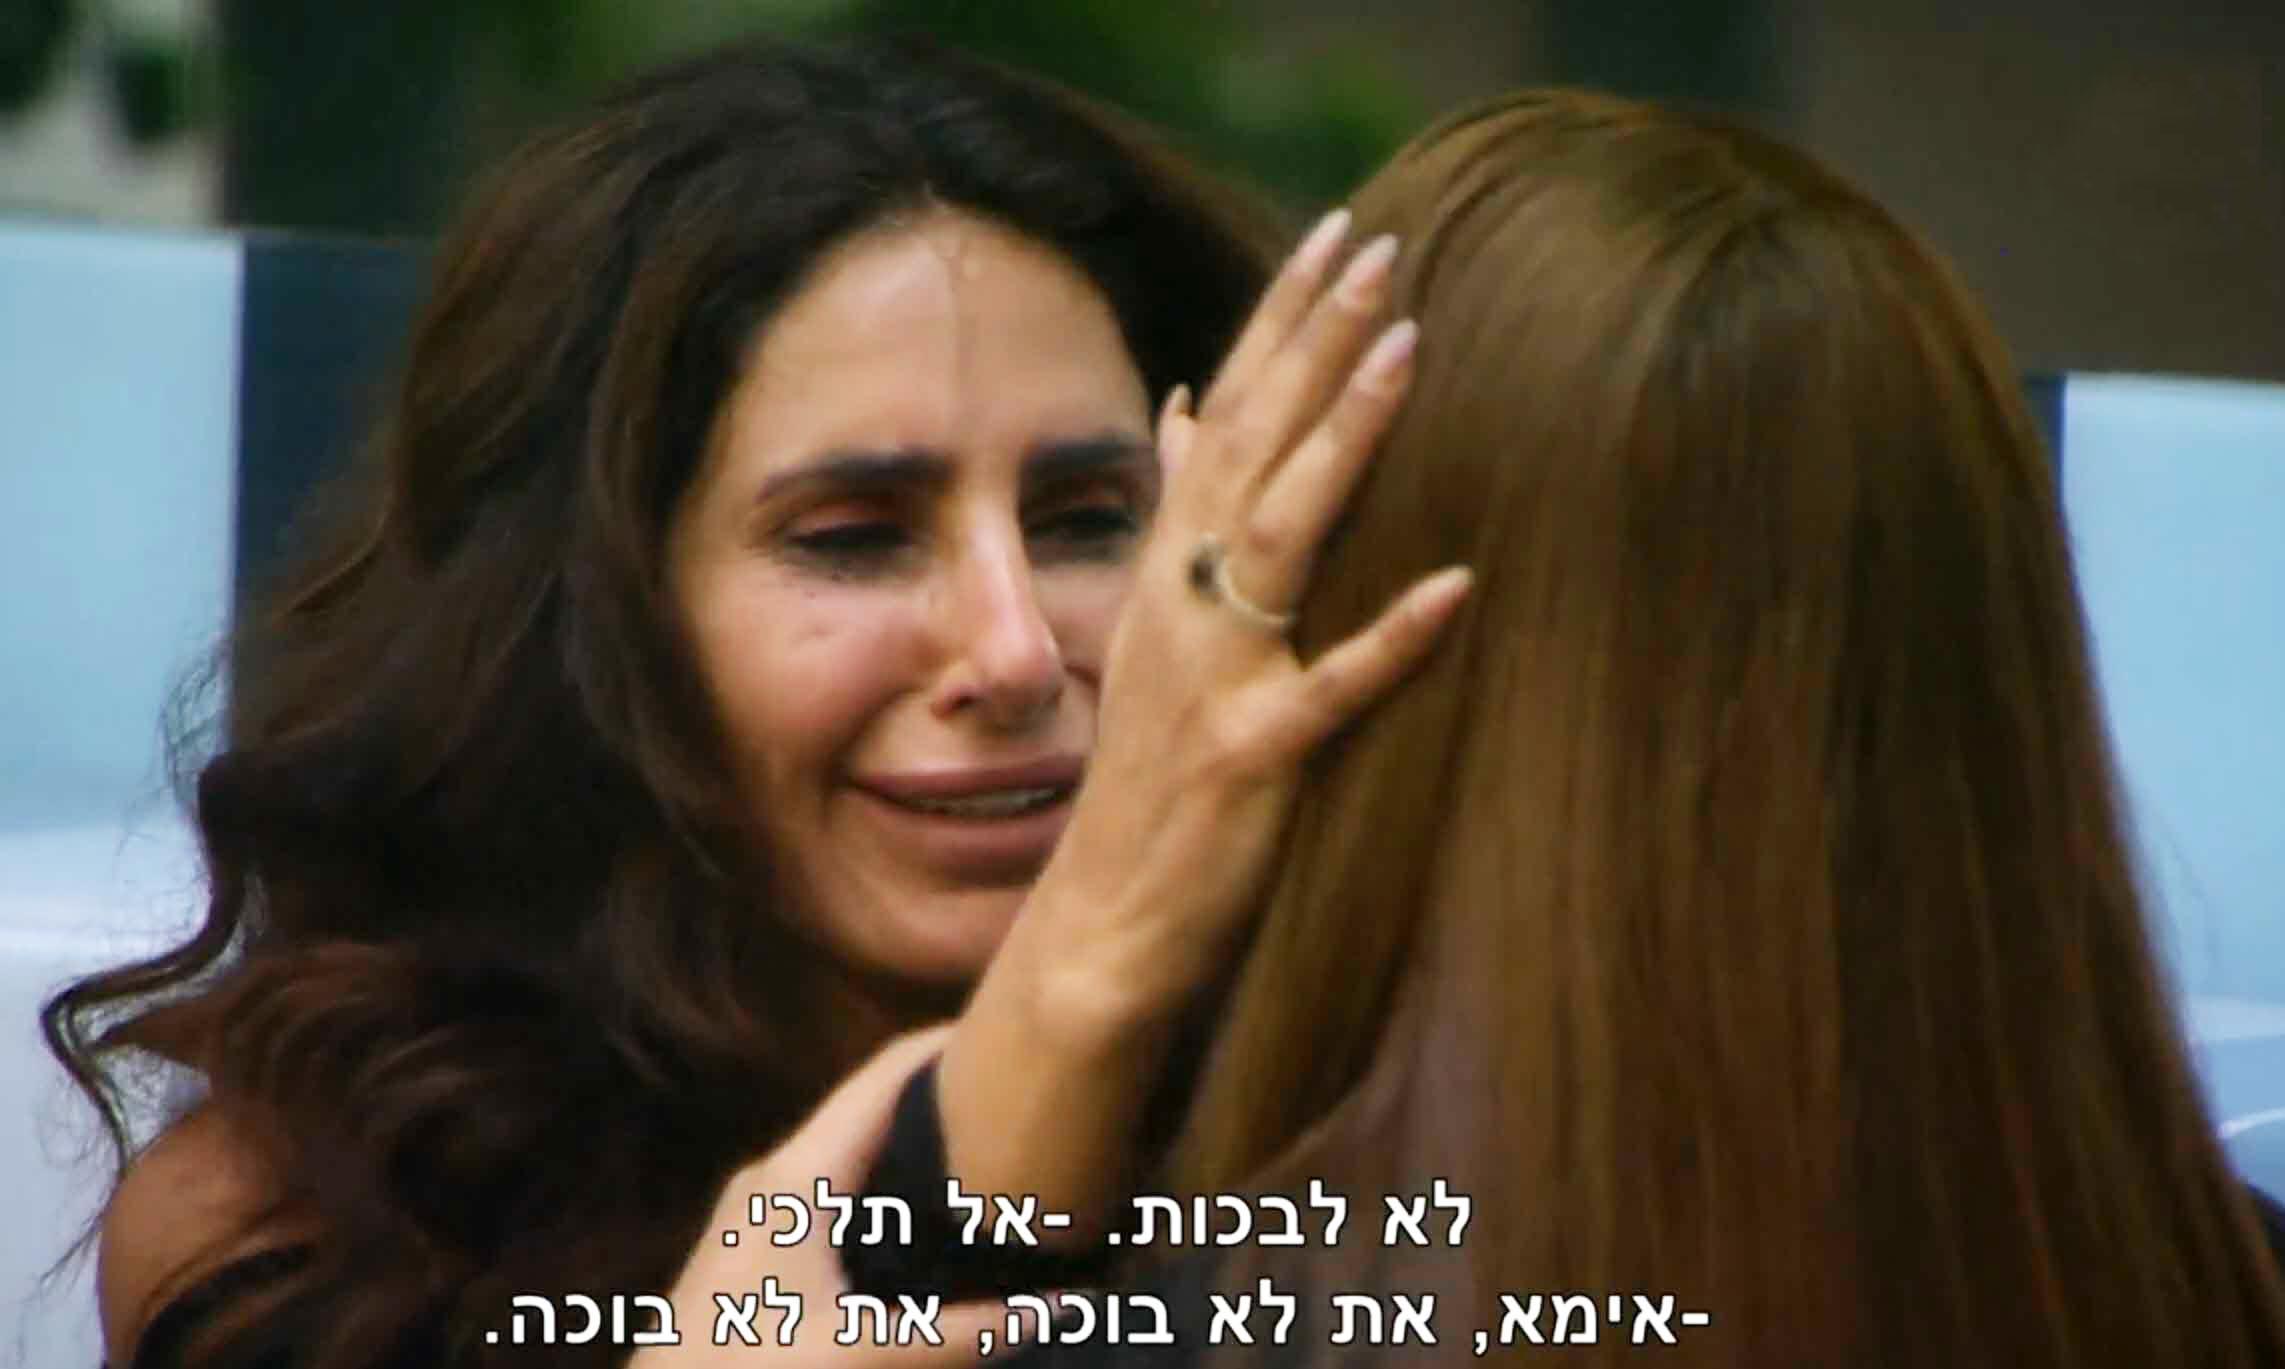 הבכי גנטי: אלין כהן חושפת מה גרם לה להישבר וכמעט לעזוב את המקצוע!